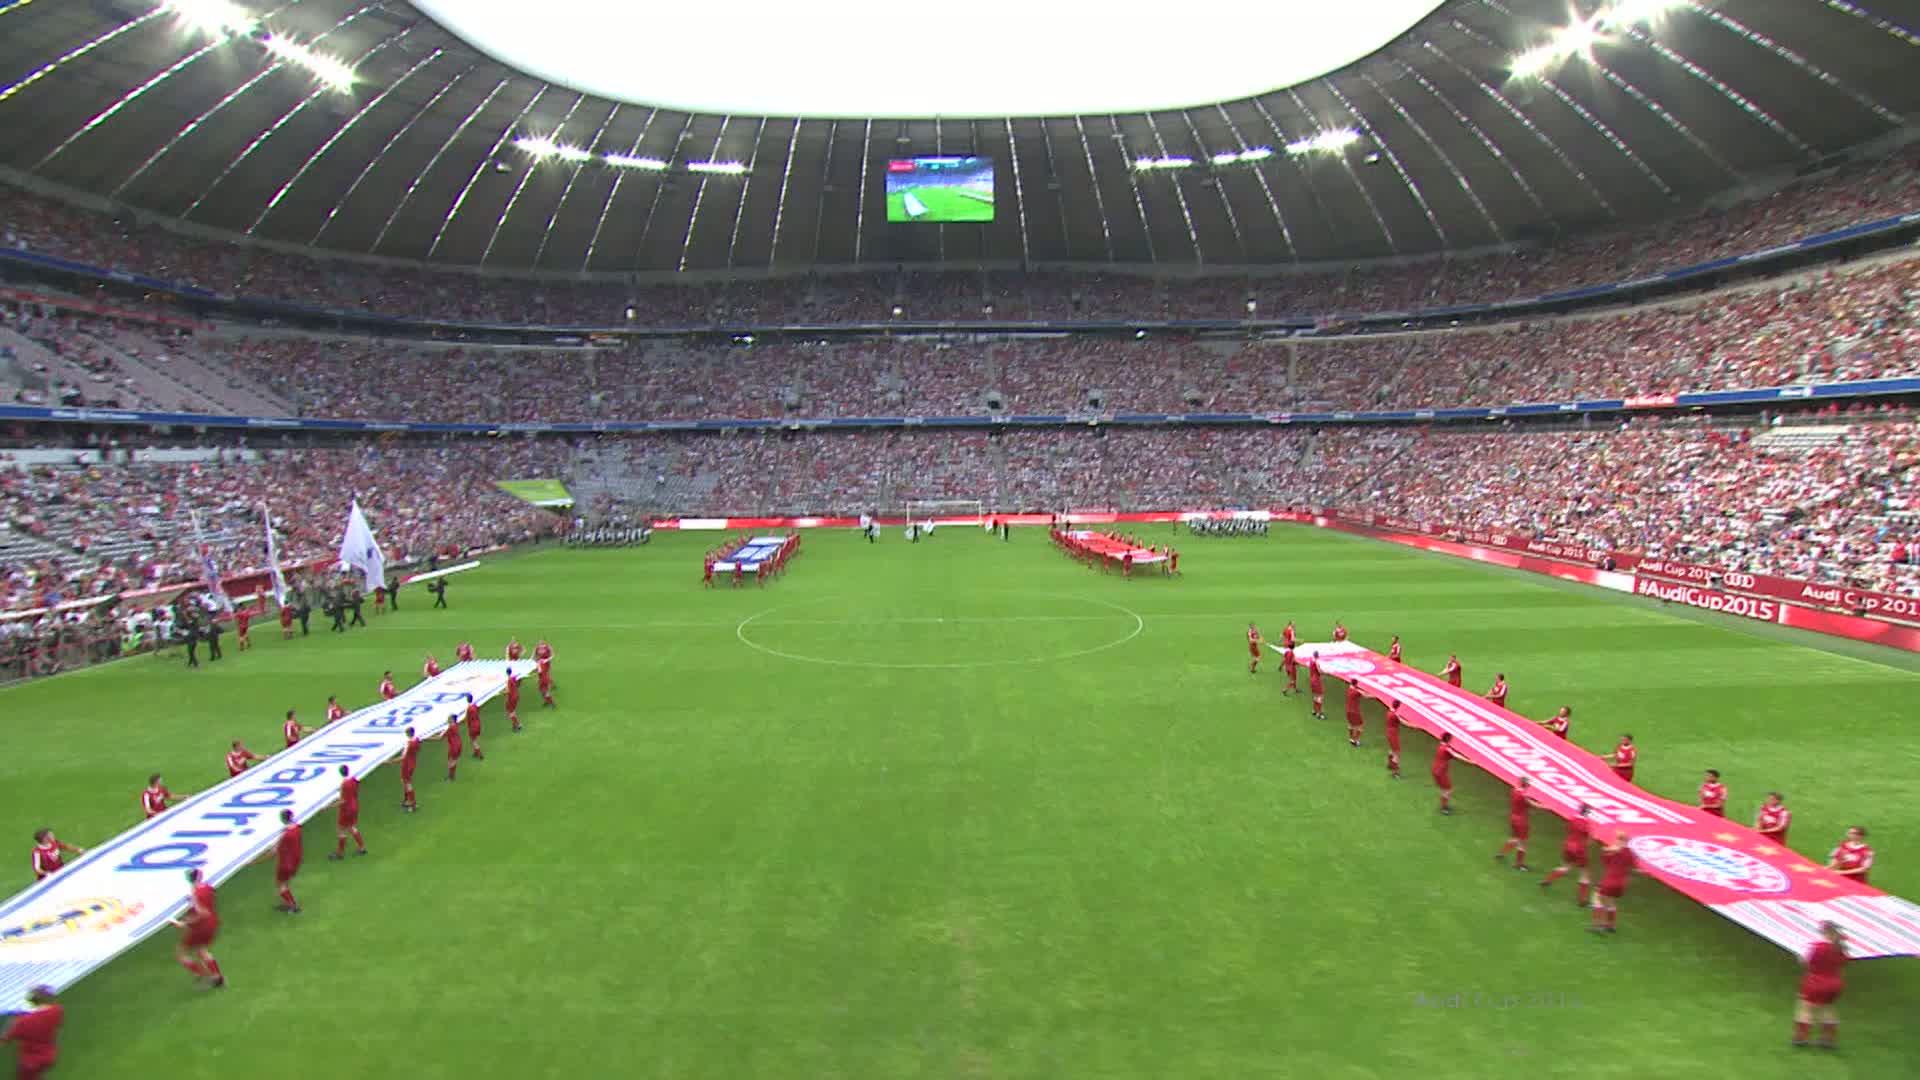 Audi Cup - Real Madrid gegen Tottenham Hotspur